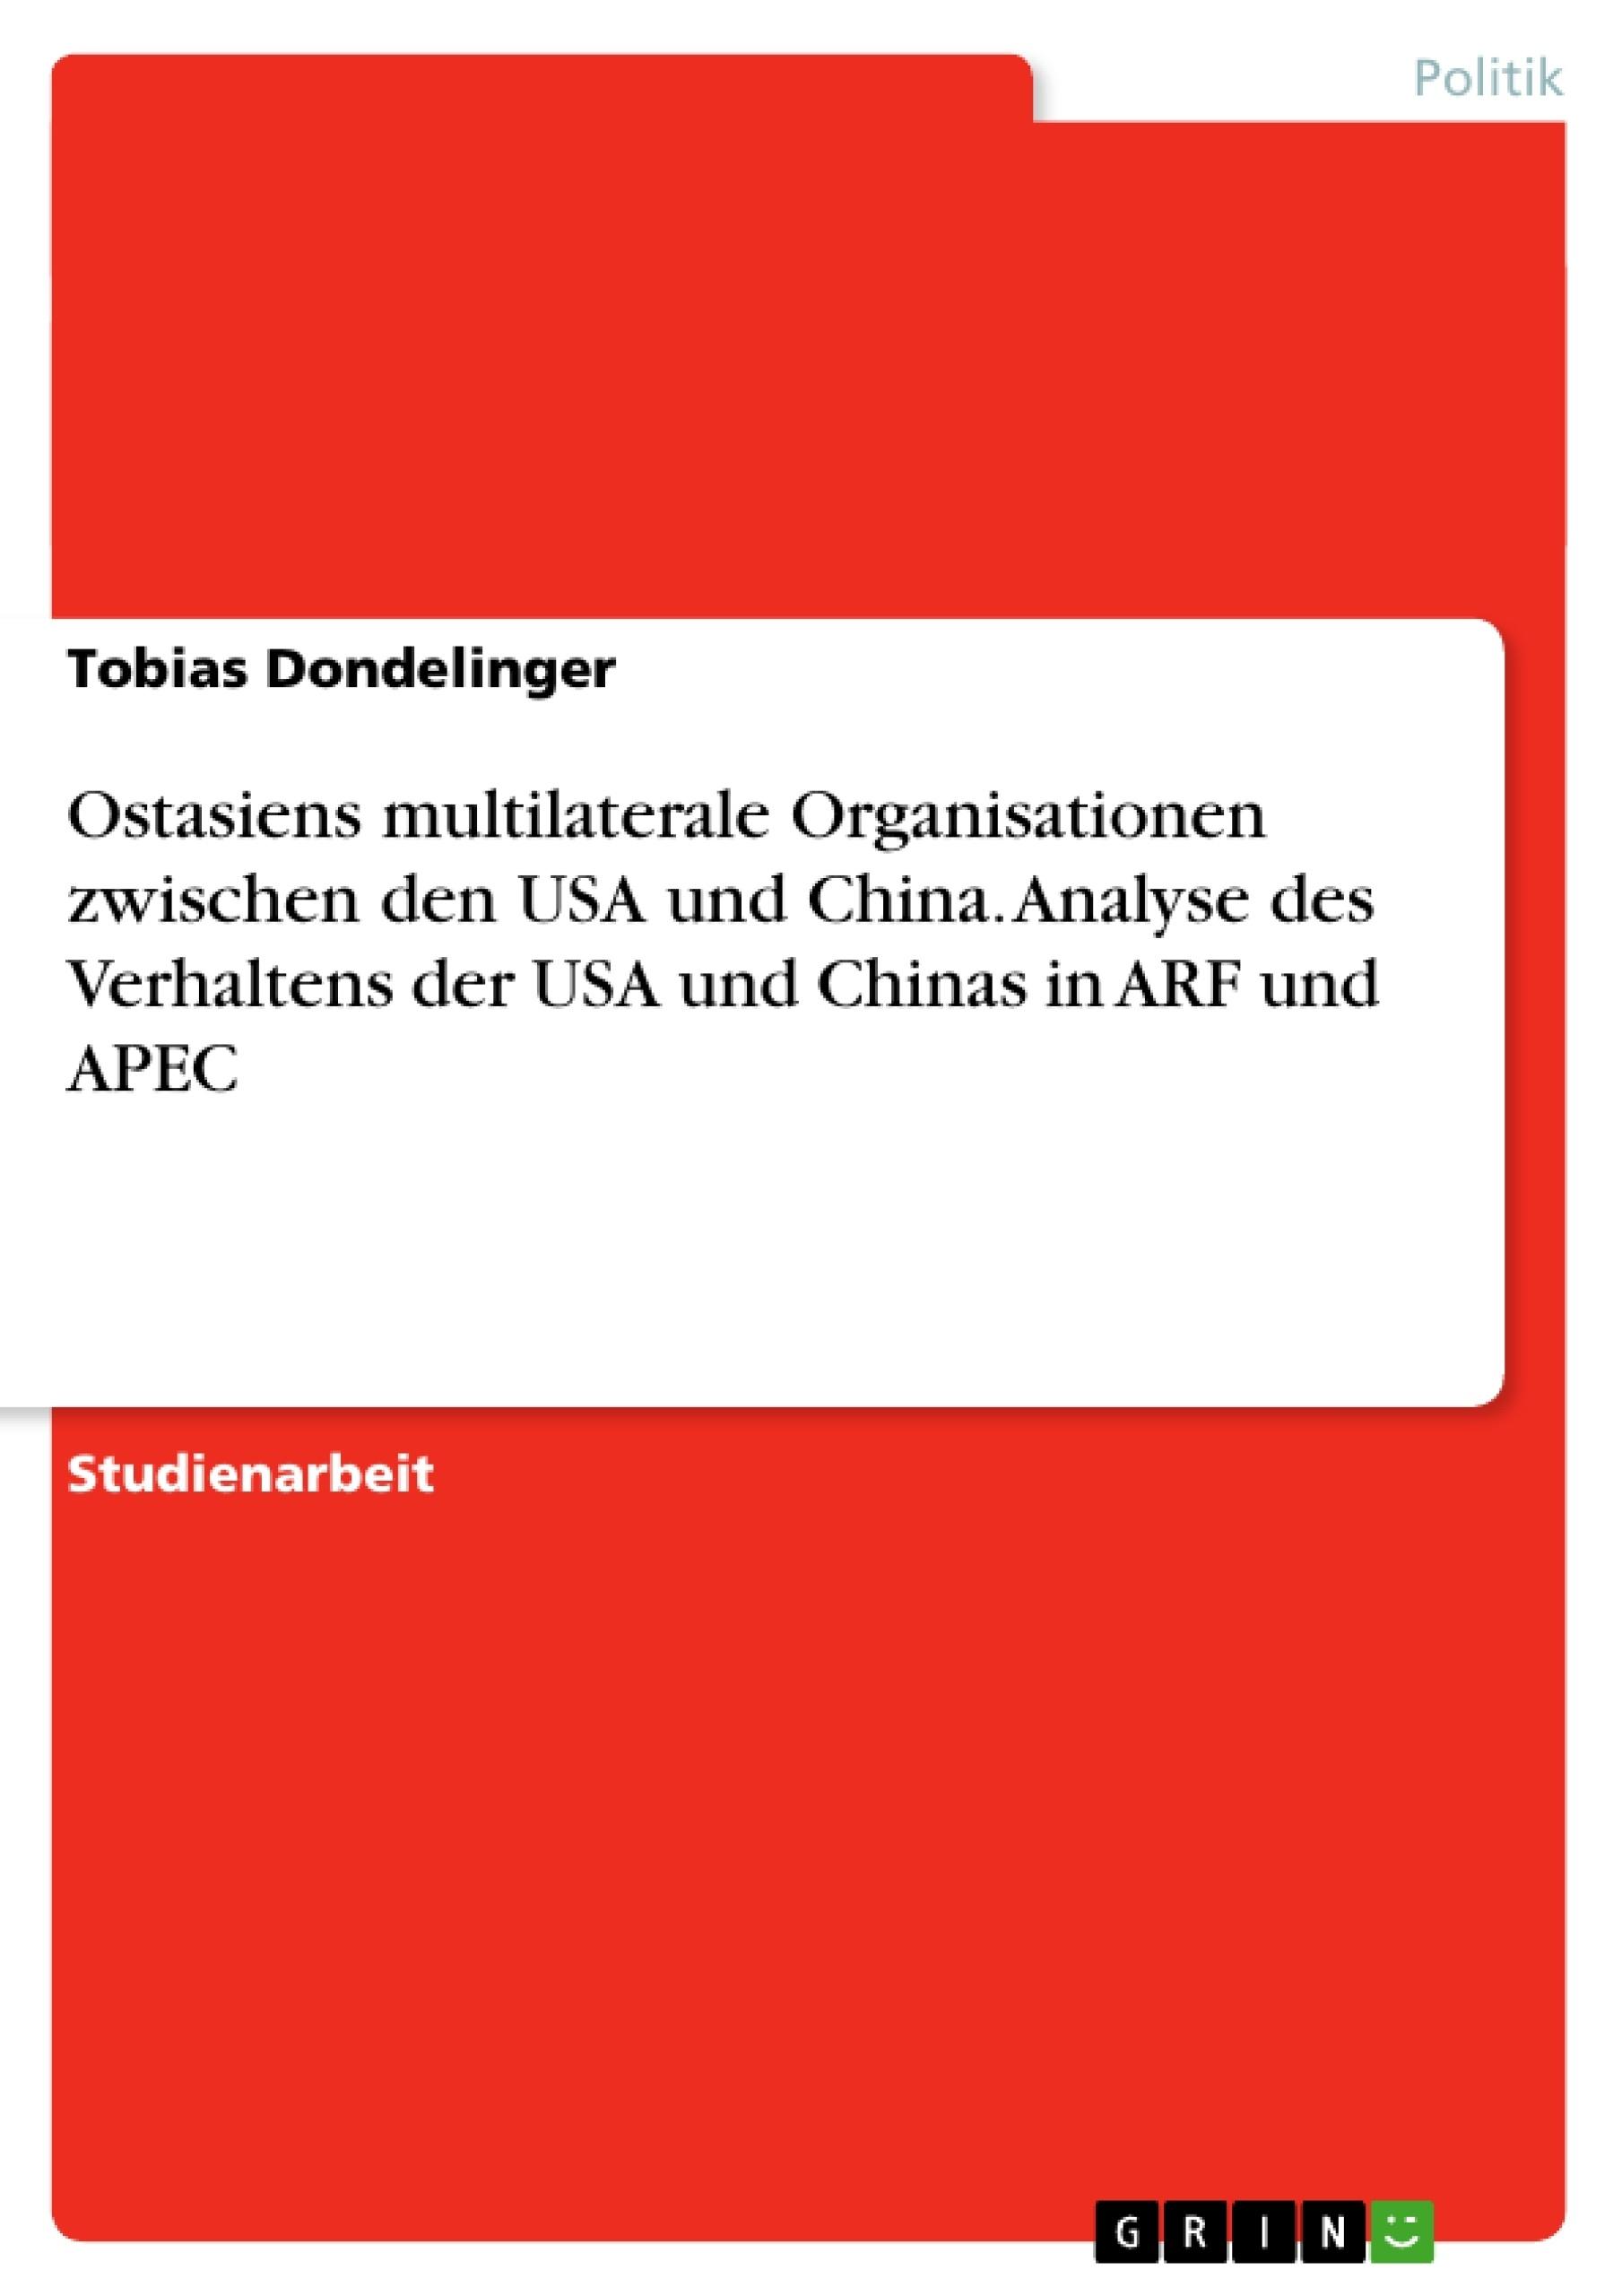 Titel: Ostasiens multilaterale Organisationen zwischen den USA und China. Analyse des Verhaltens der USA und Chinas in ARF und APEC